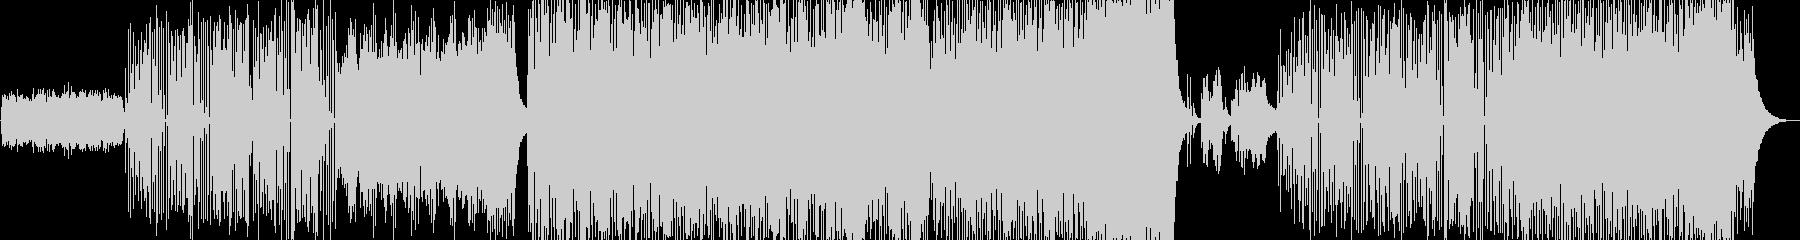 幻想的でプログレッシブなジャズBGMの未再生の波形